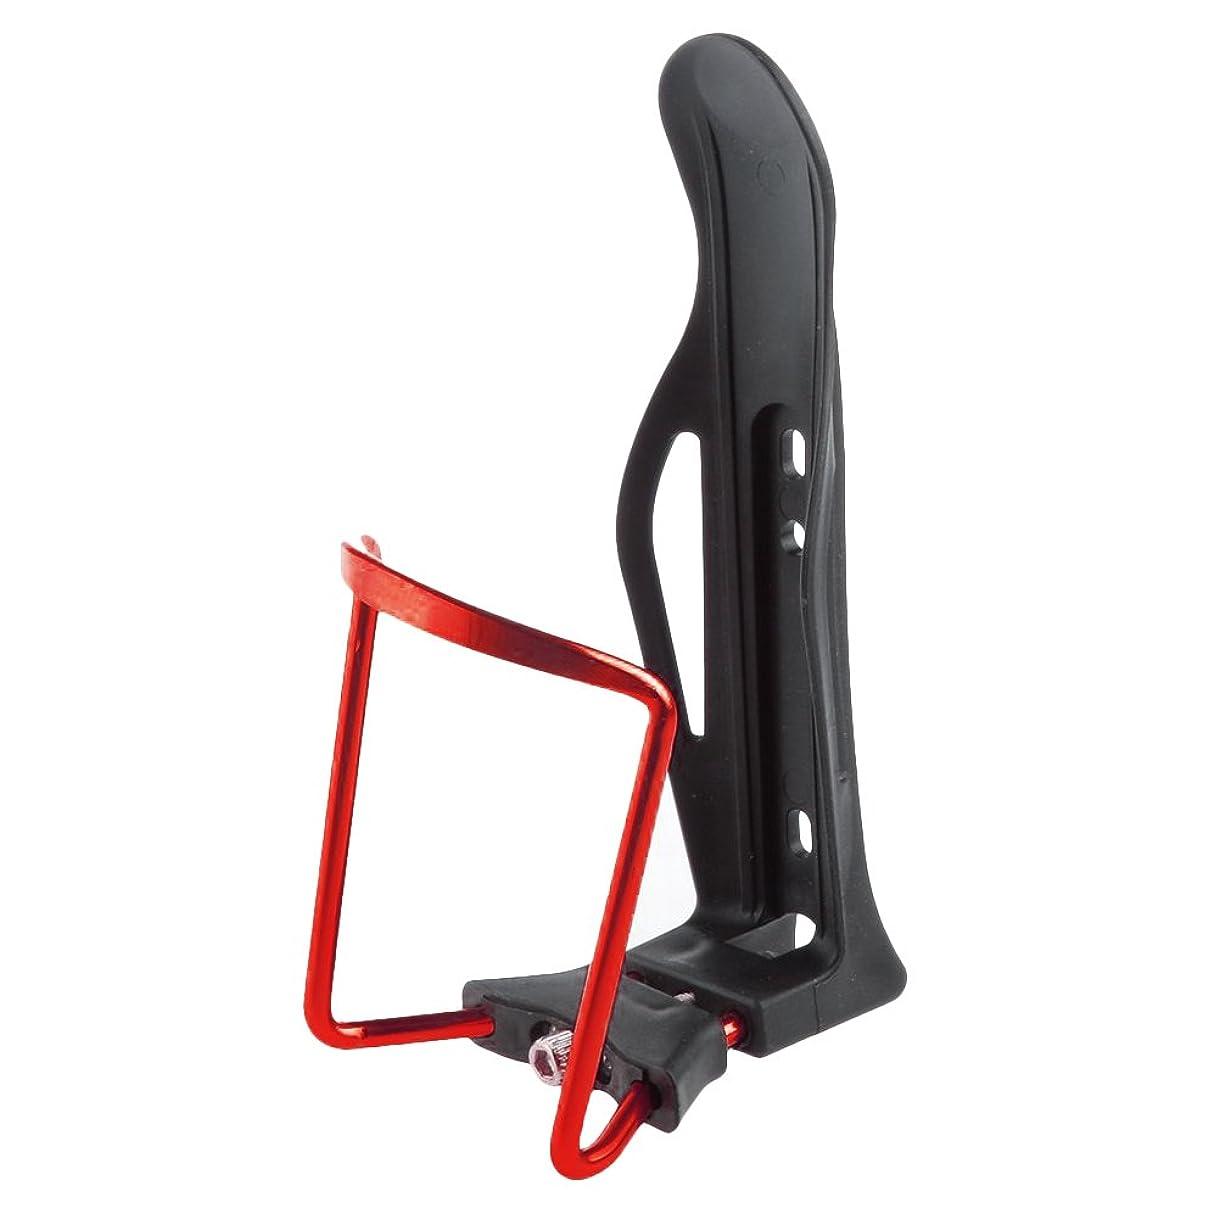 サポート指定ゴルフHicollie 自転車 ボトルケージ ボトルホルダー サイズ調整可能 ペットボトル アルミ合金製 ロードバイク クロスバイク マウンテンバイク アルミ サイクリング 自転車 ウォーター ボトル ホルダー ケージ